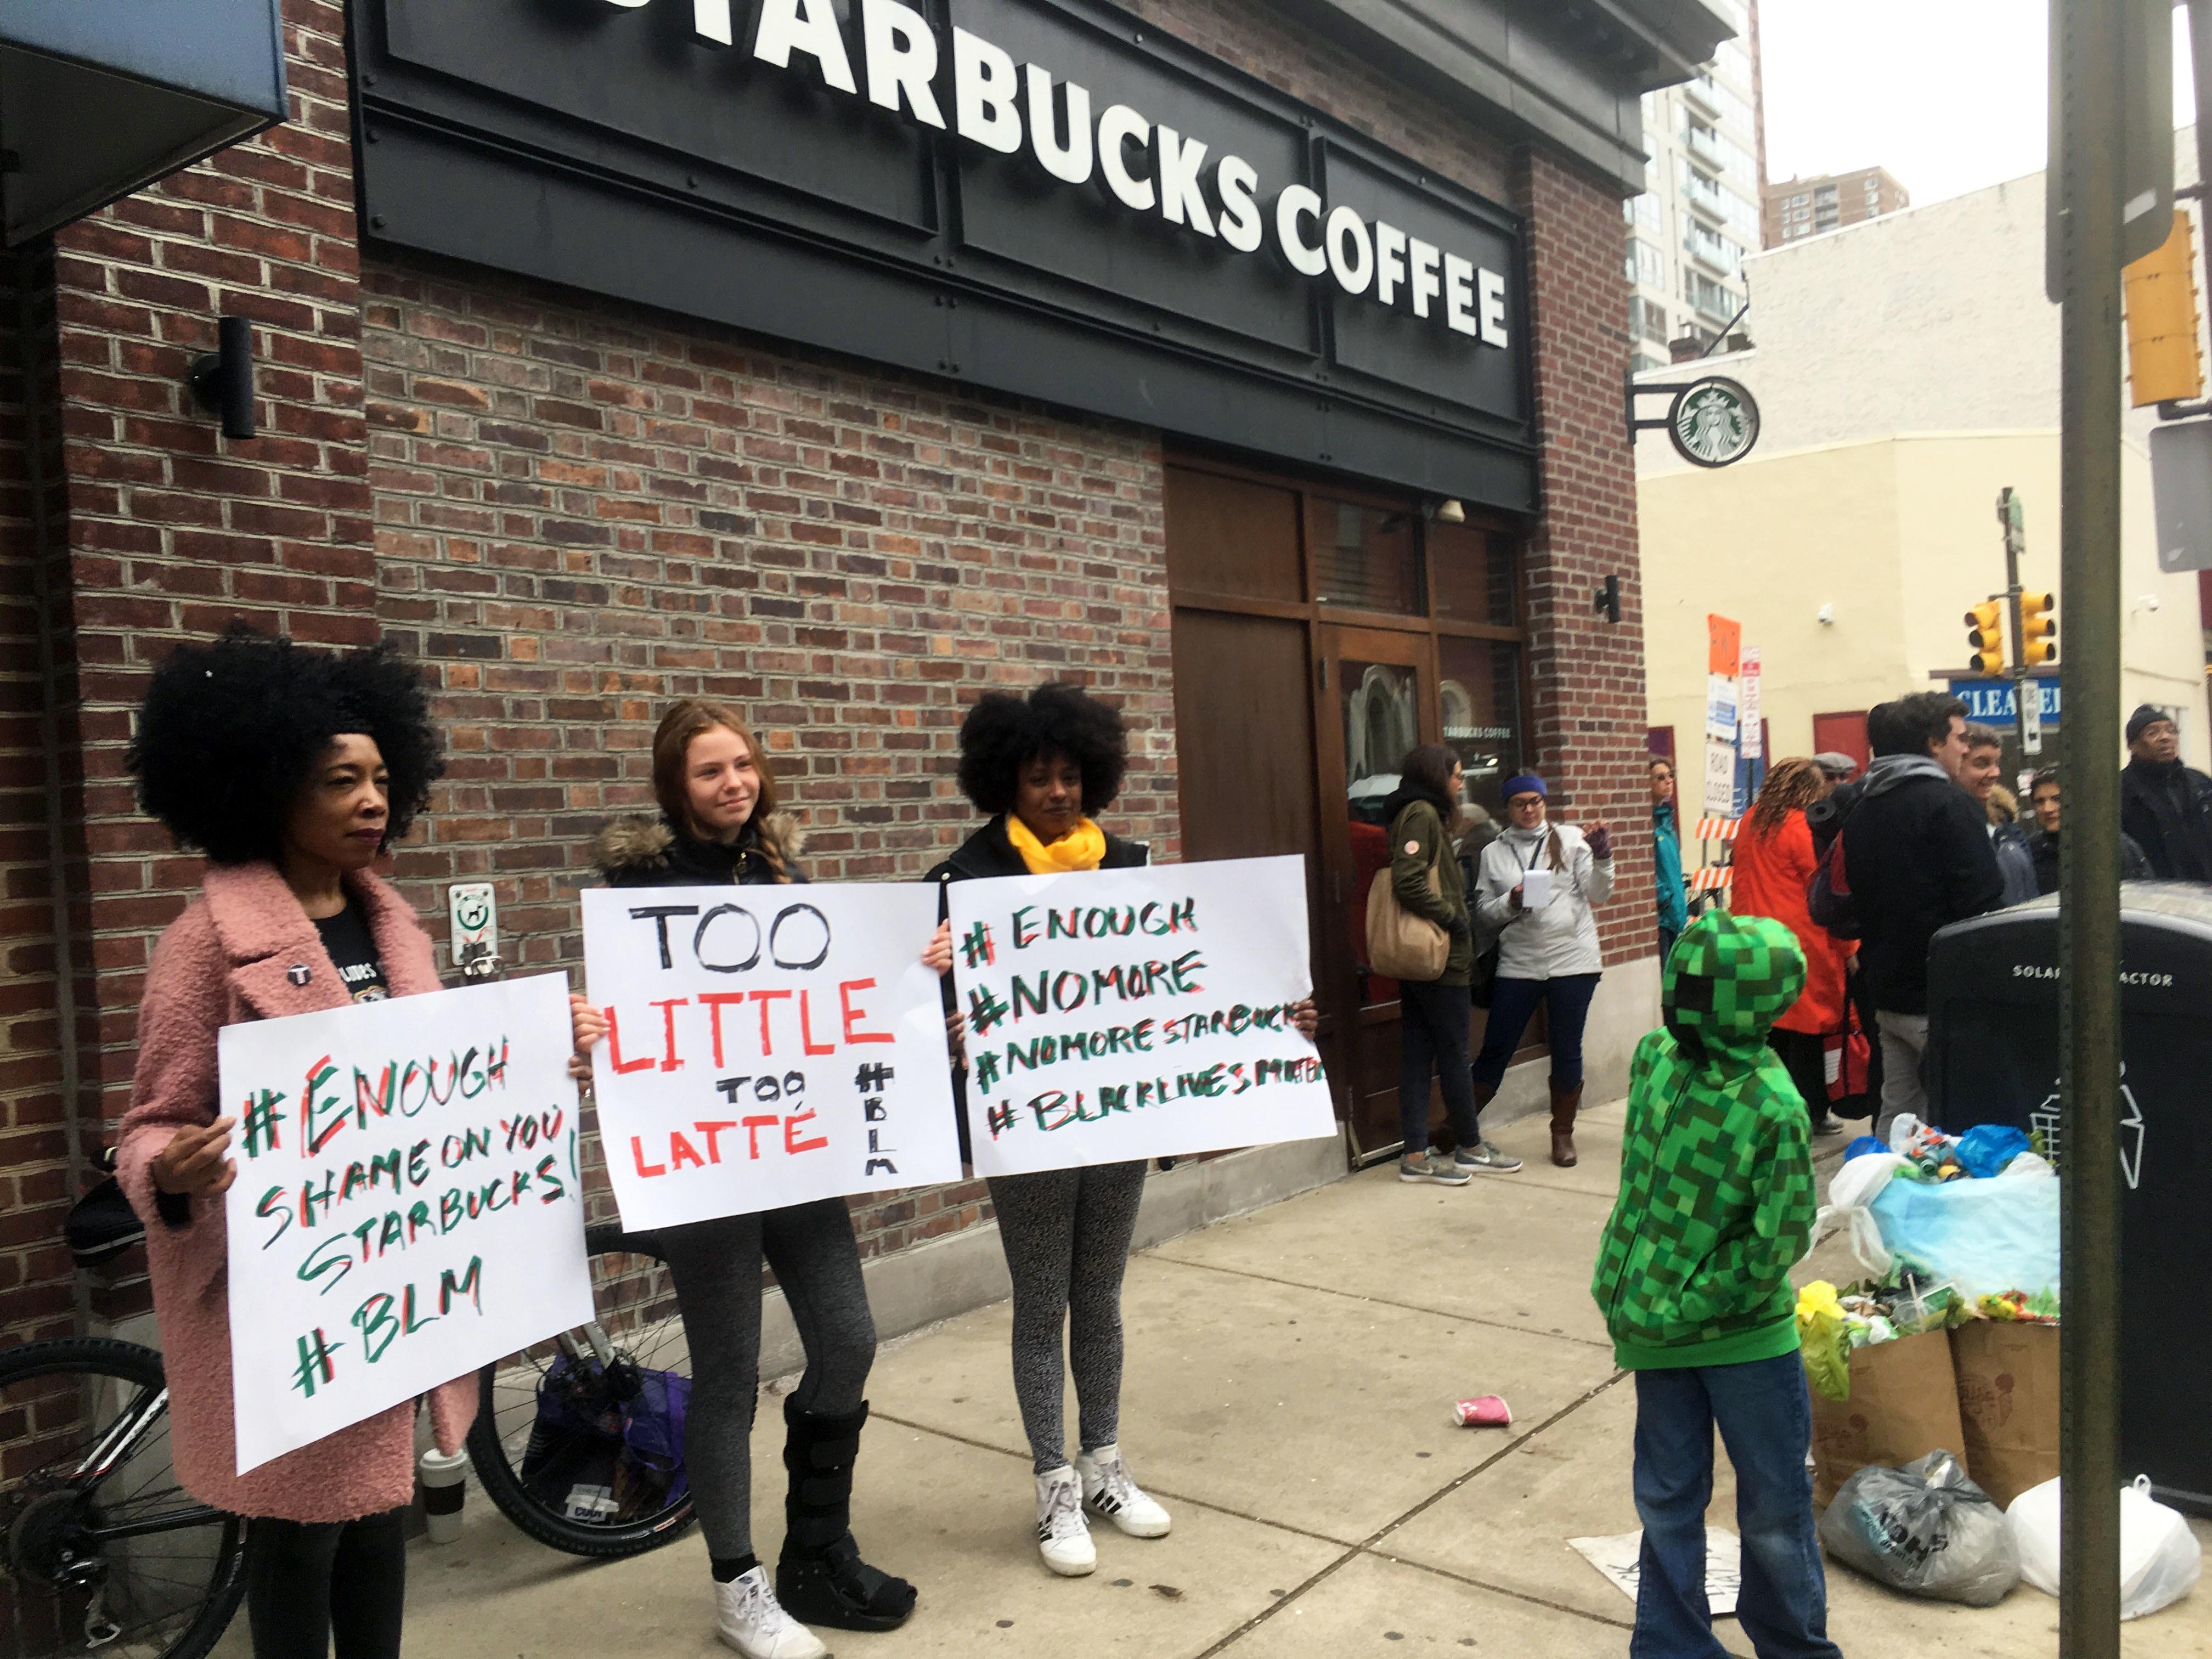 ▲▼美國費城兩名黑人男子在星巴克內沒點餐,竟被警察上銬逮捕,民眾聚集抗議。(圖/達志影像/美聯社)